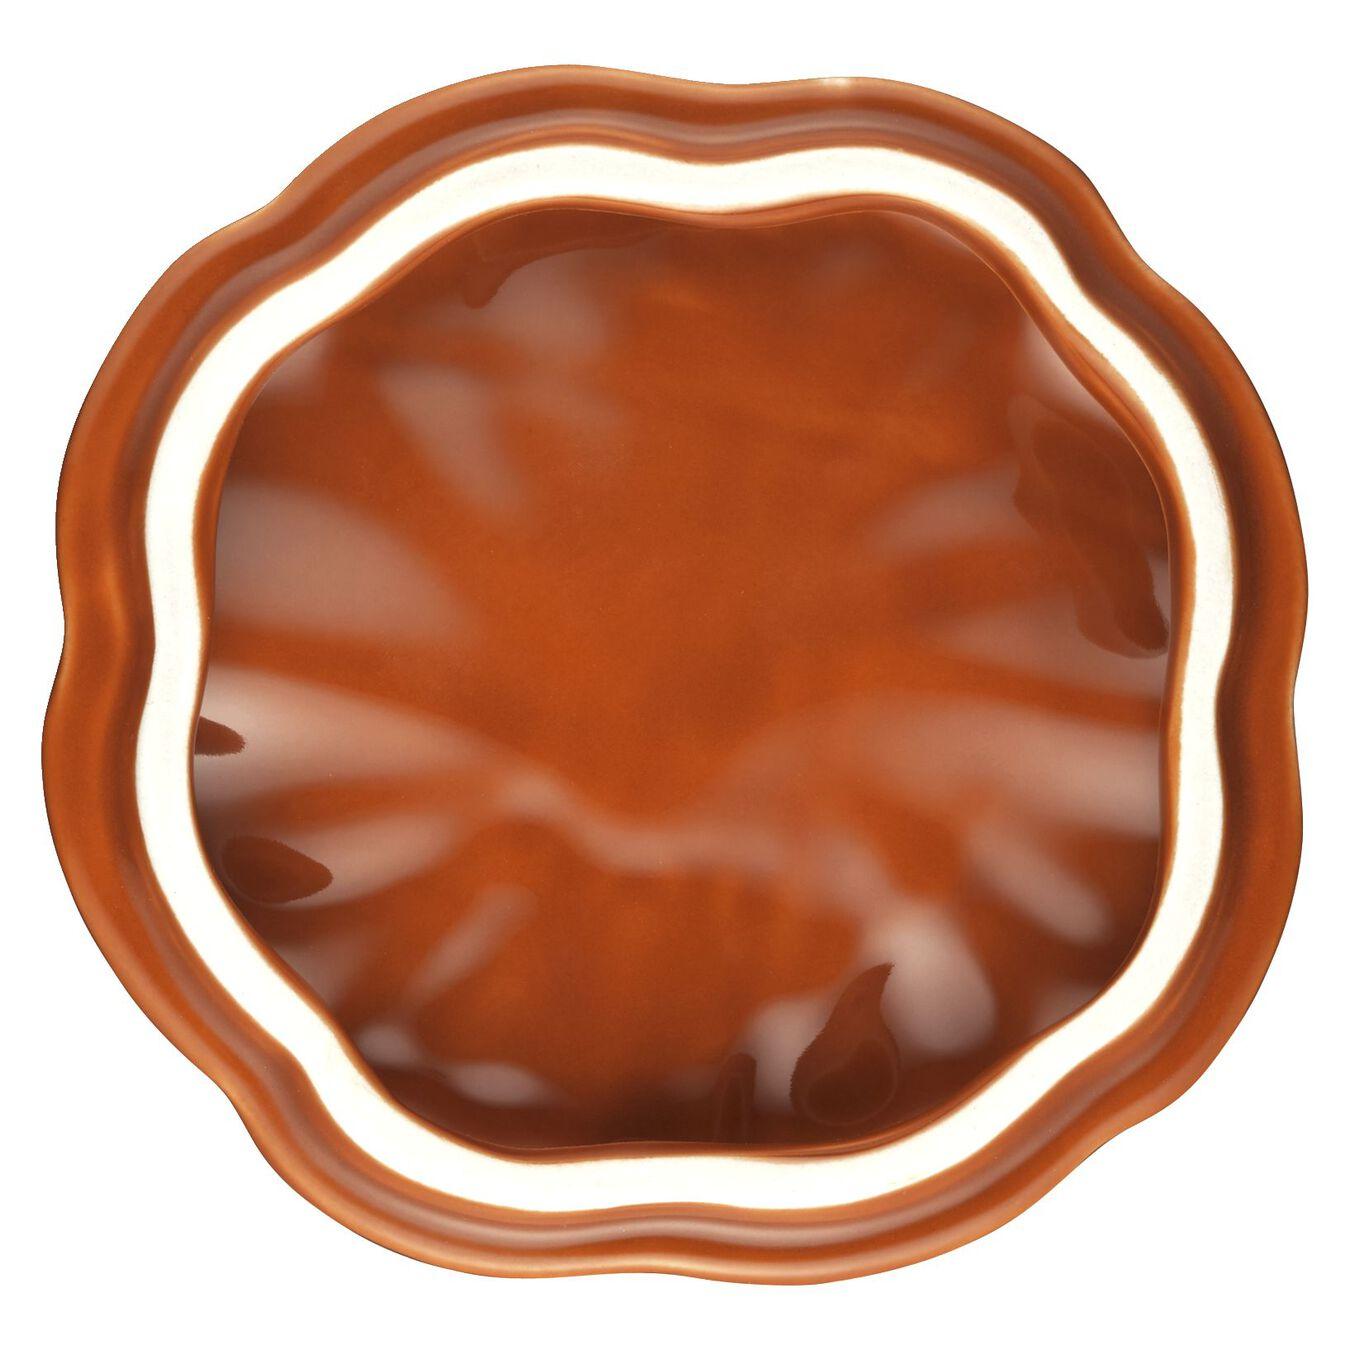 Cocotte 12 cm, Kürbis, Zimt, Keramik,,large 7